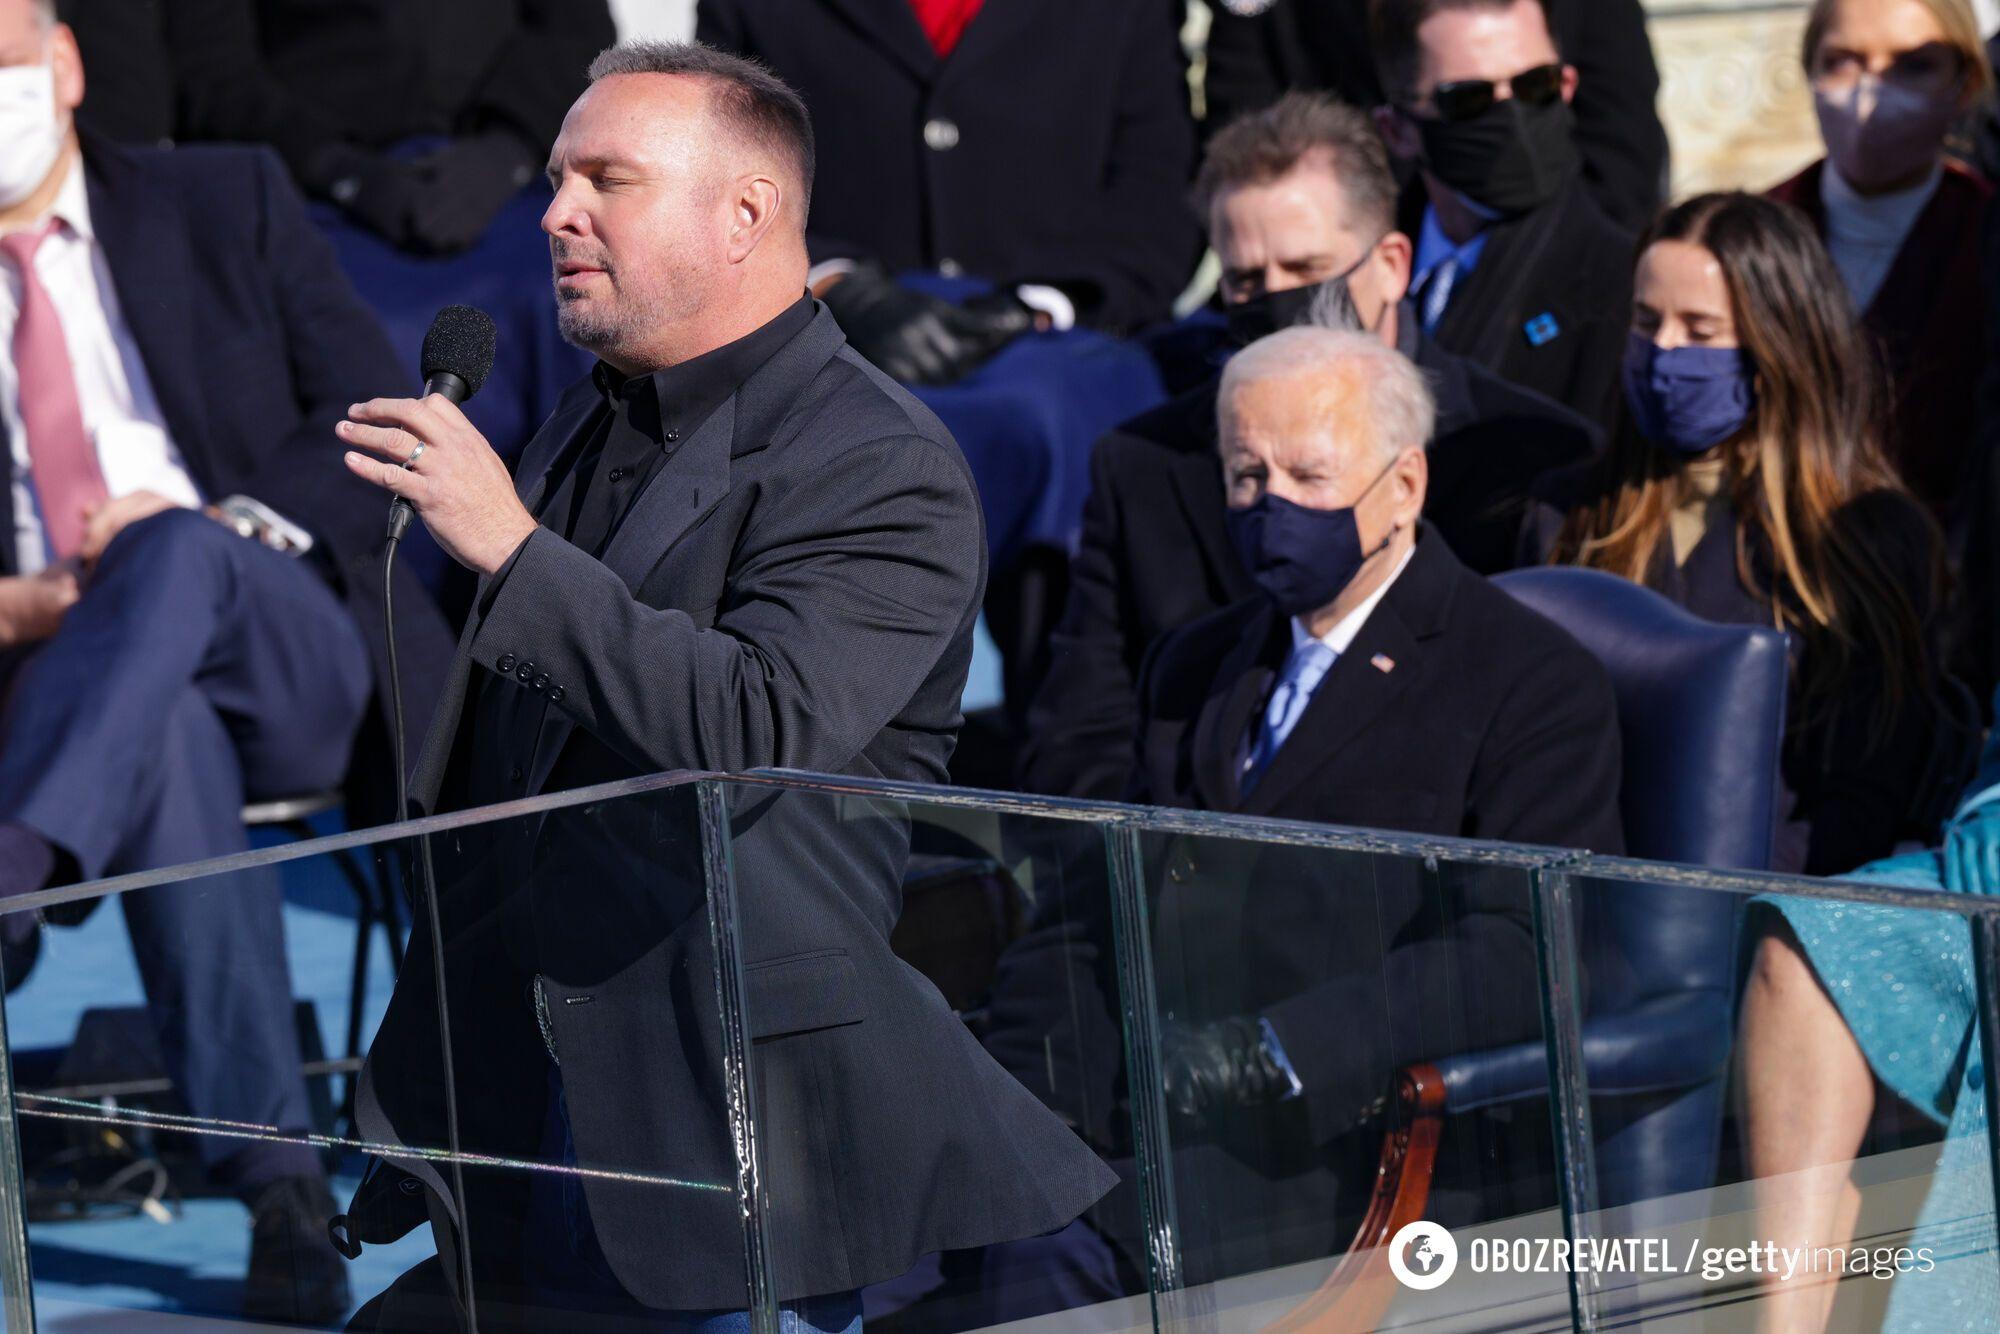 Как выглядел Гарт Брукс на инаугурации Байдена